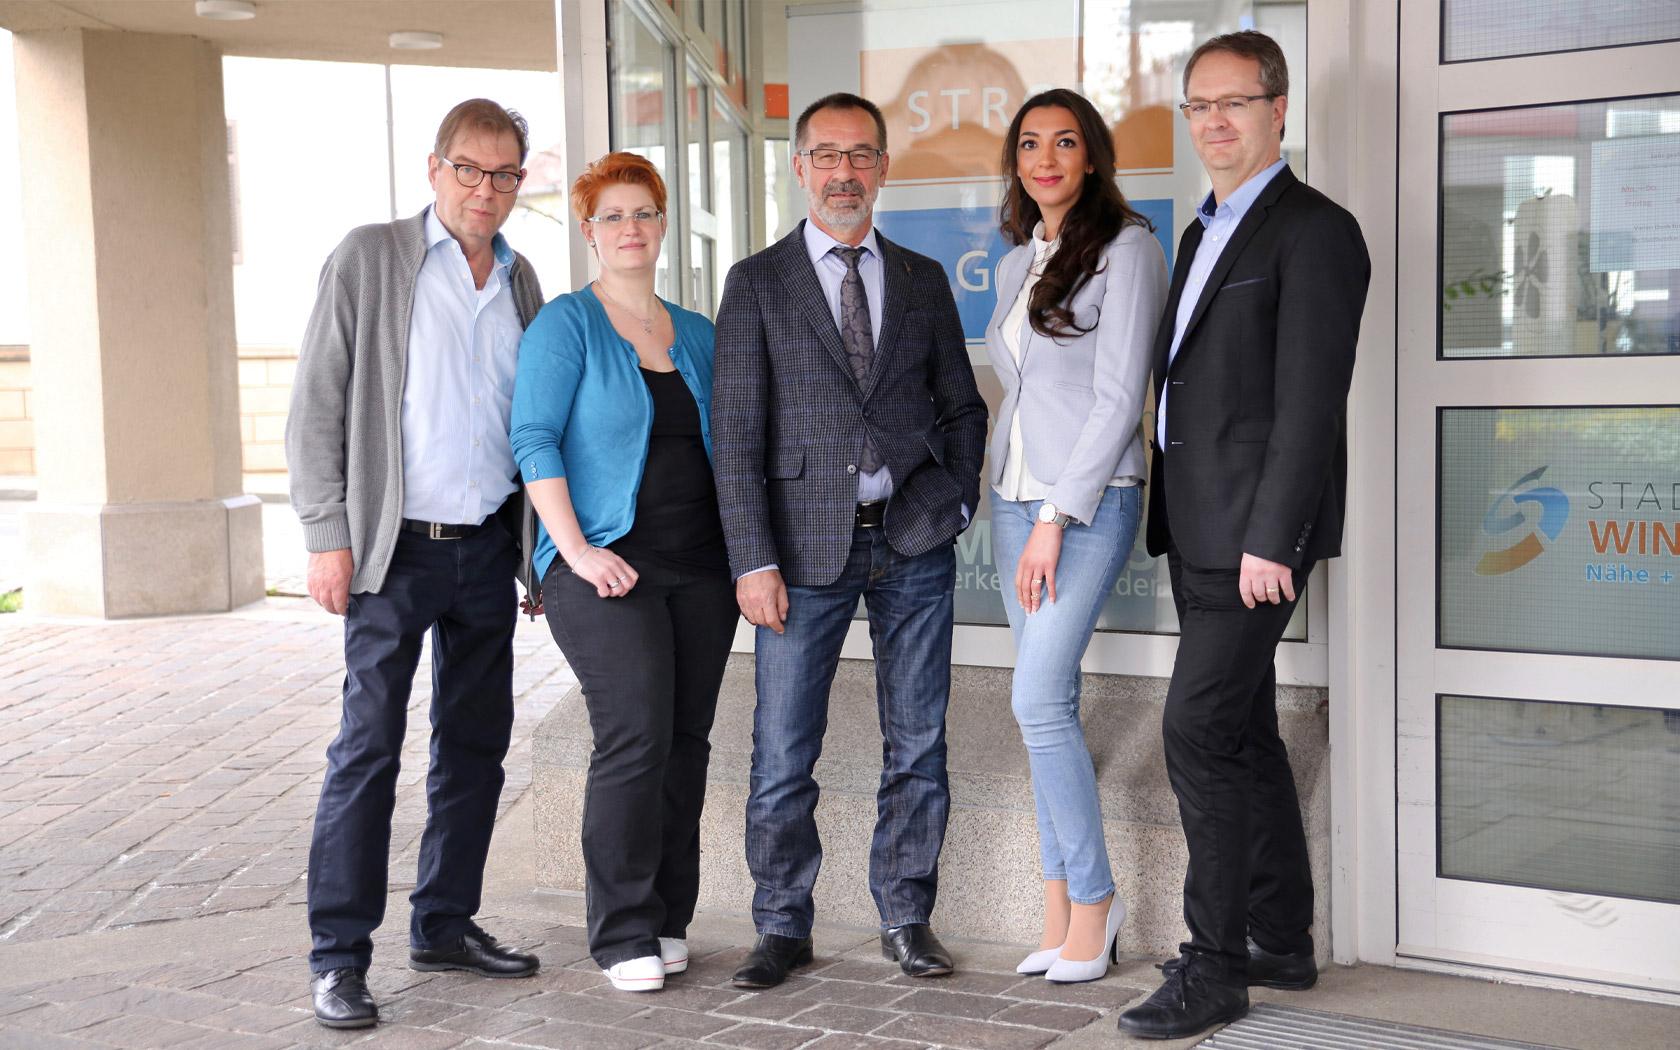 Stadtwerke Winnenden: Unternehmen Kundenzentrum Team